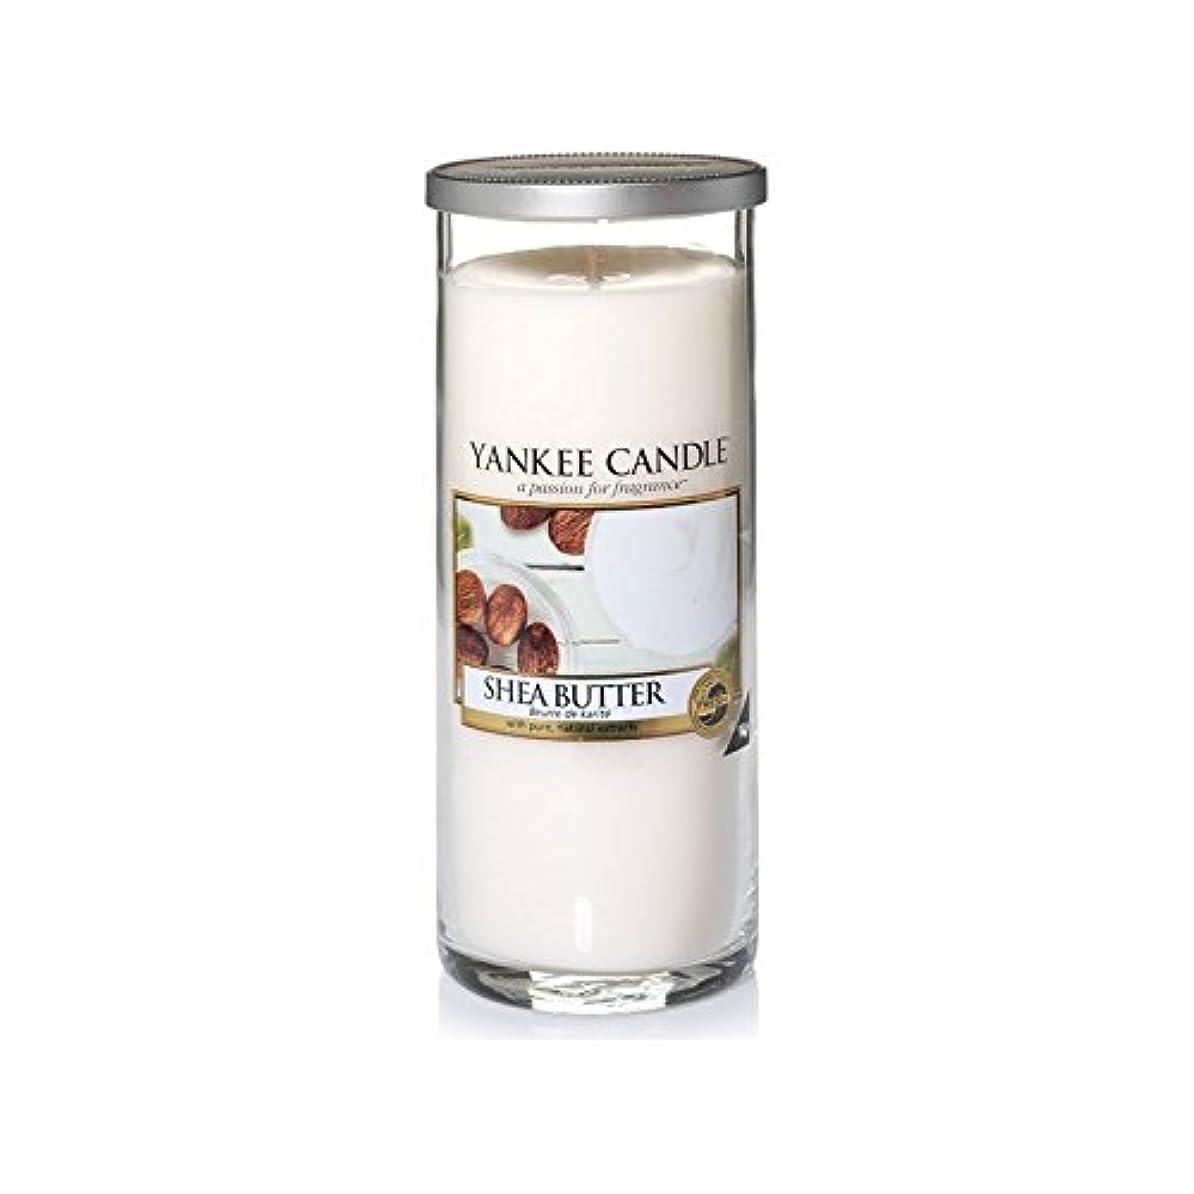 素晴らしさ接続詞保険Yankee Candles Large Pillar Candle - Shea Butter (Pack of 2) - ヤンキーキャンドル大きな柱キャンドル - シアバター (x2) [並行輸入品]